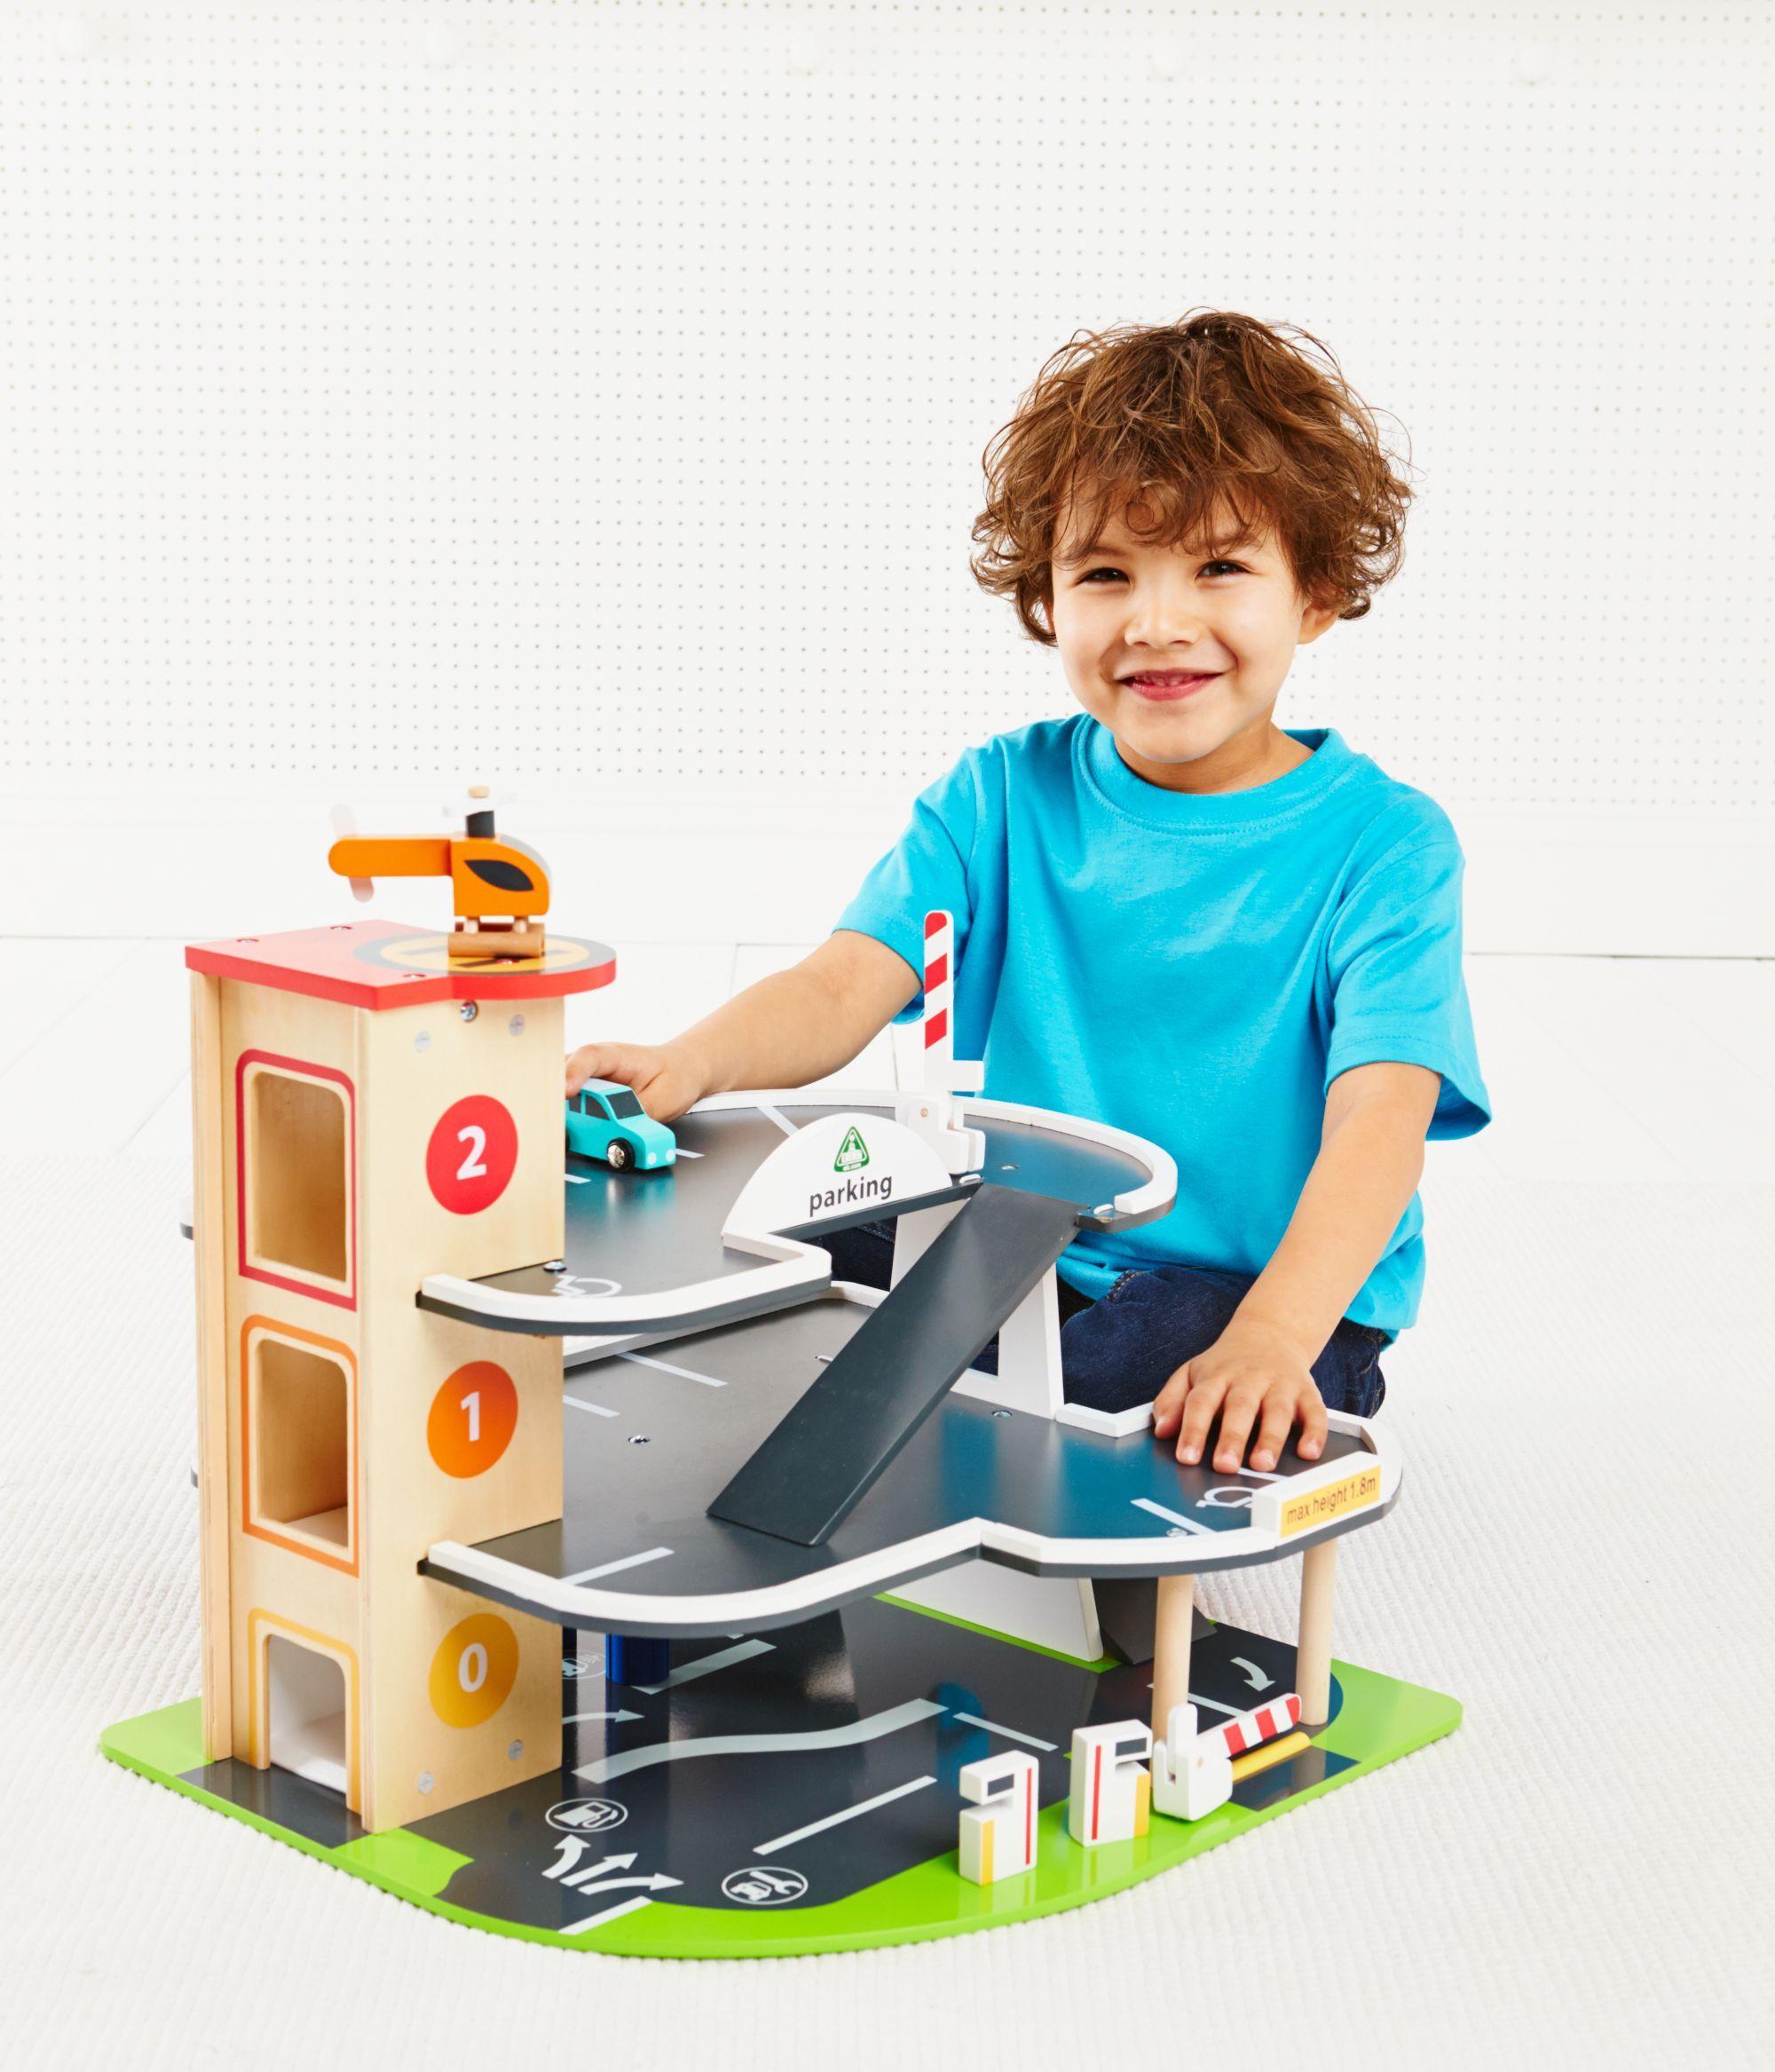 Big City Wooden Garage Maket Toy Garage Garage Toys